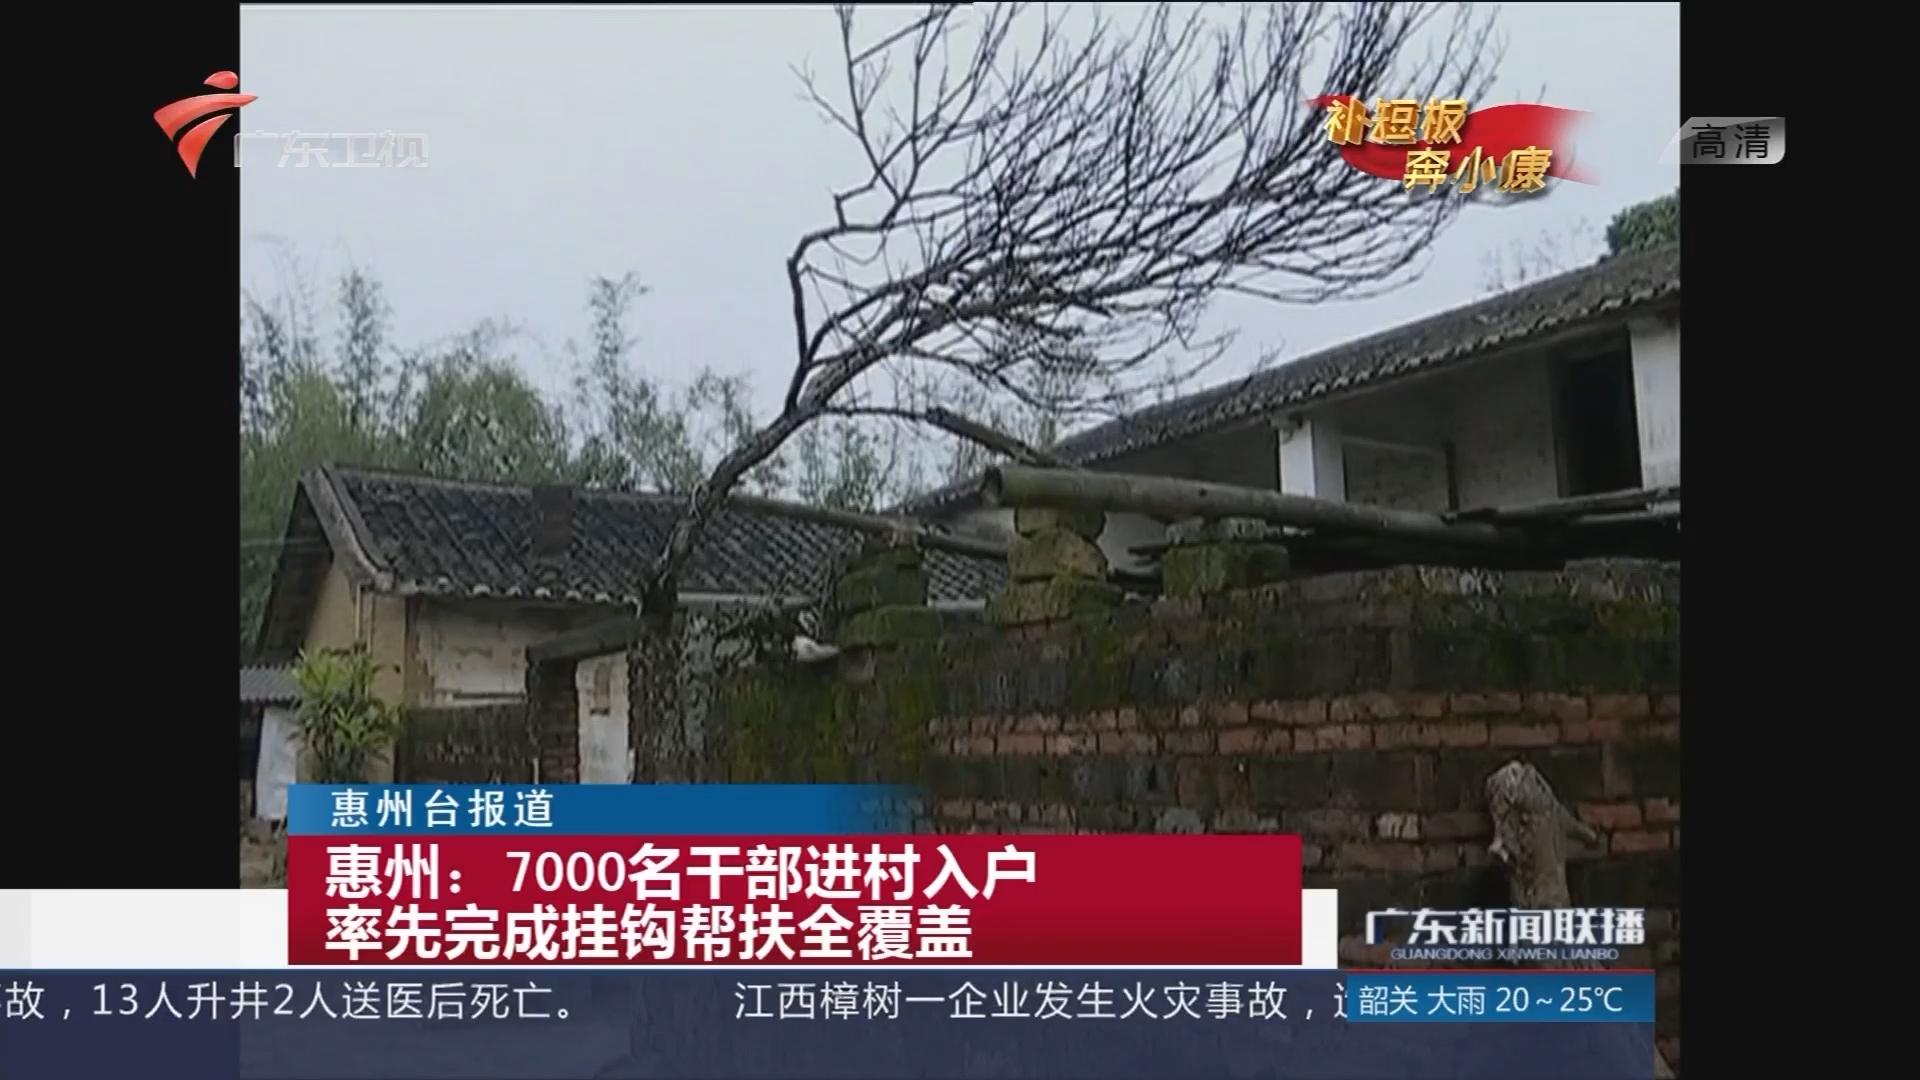 惠州:7000名干部进村入户 率先完成挂钩帮扶全覆盖